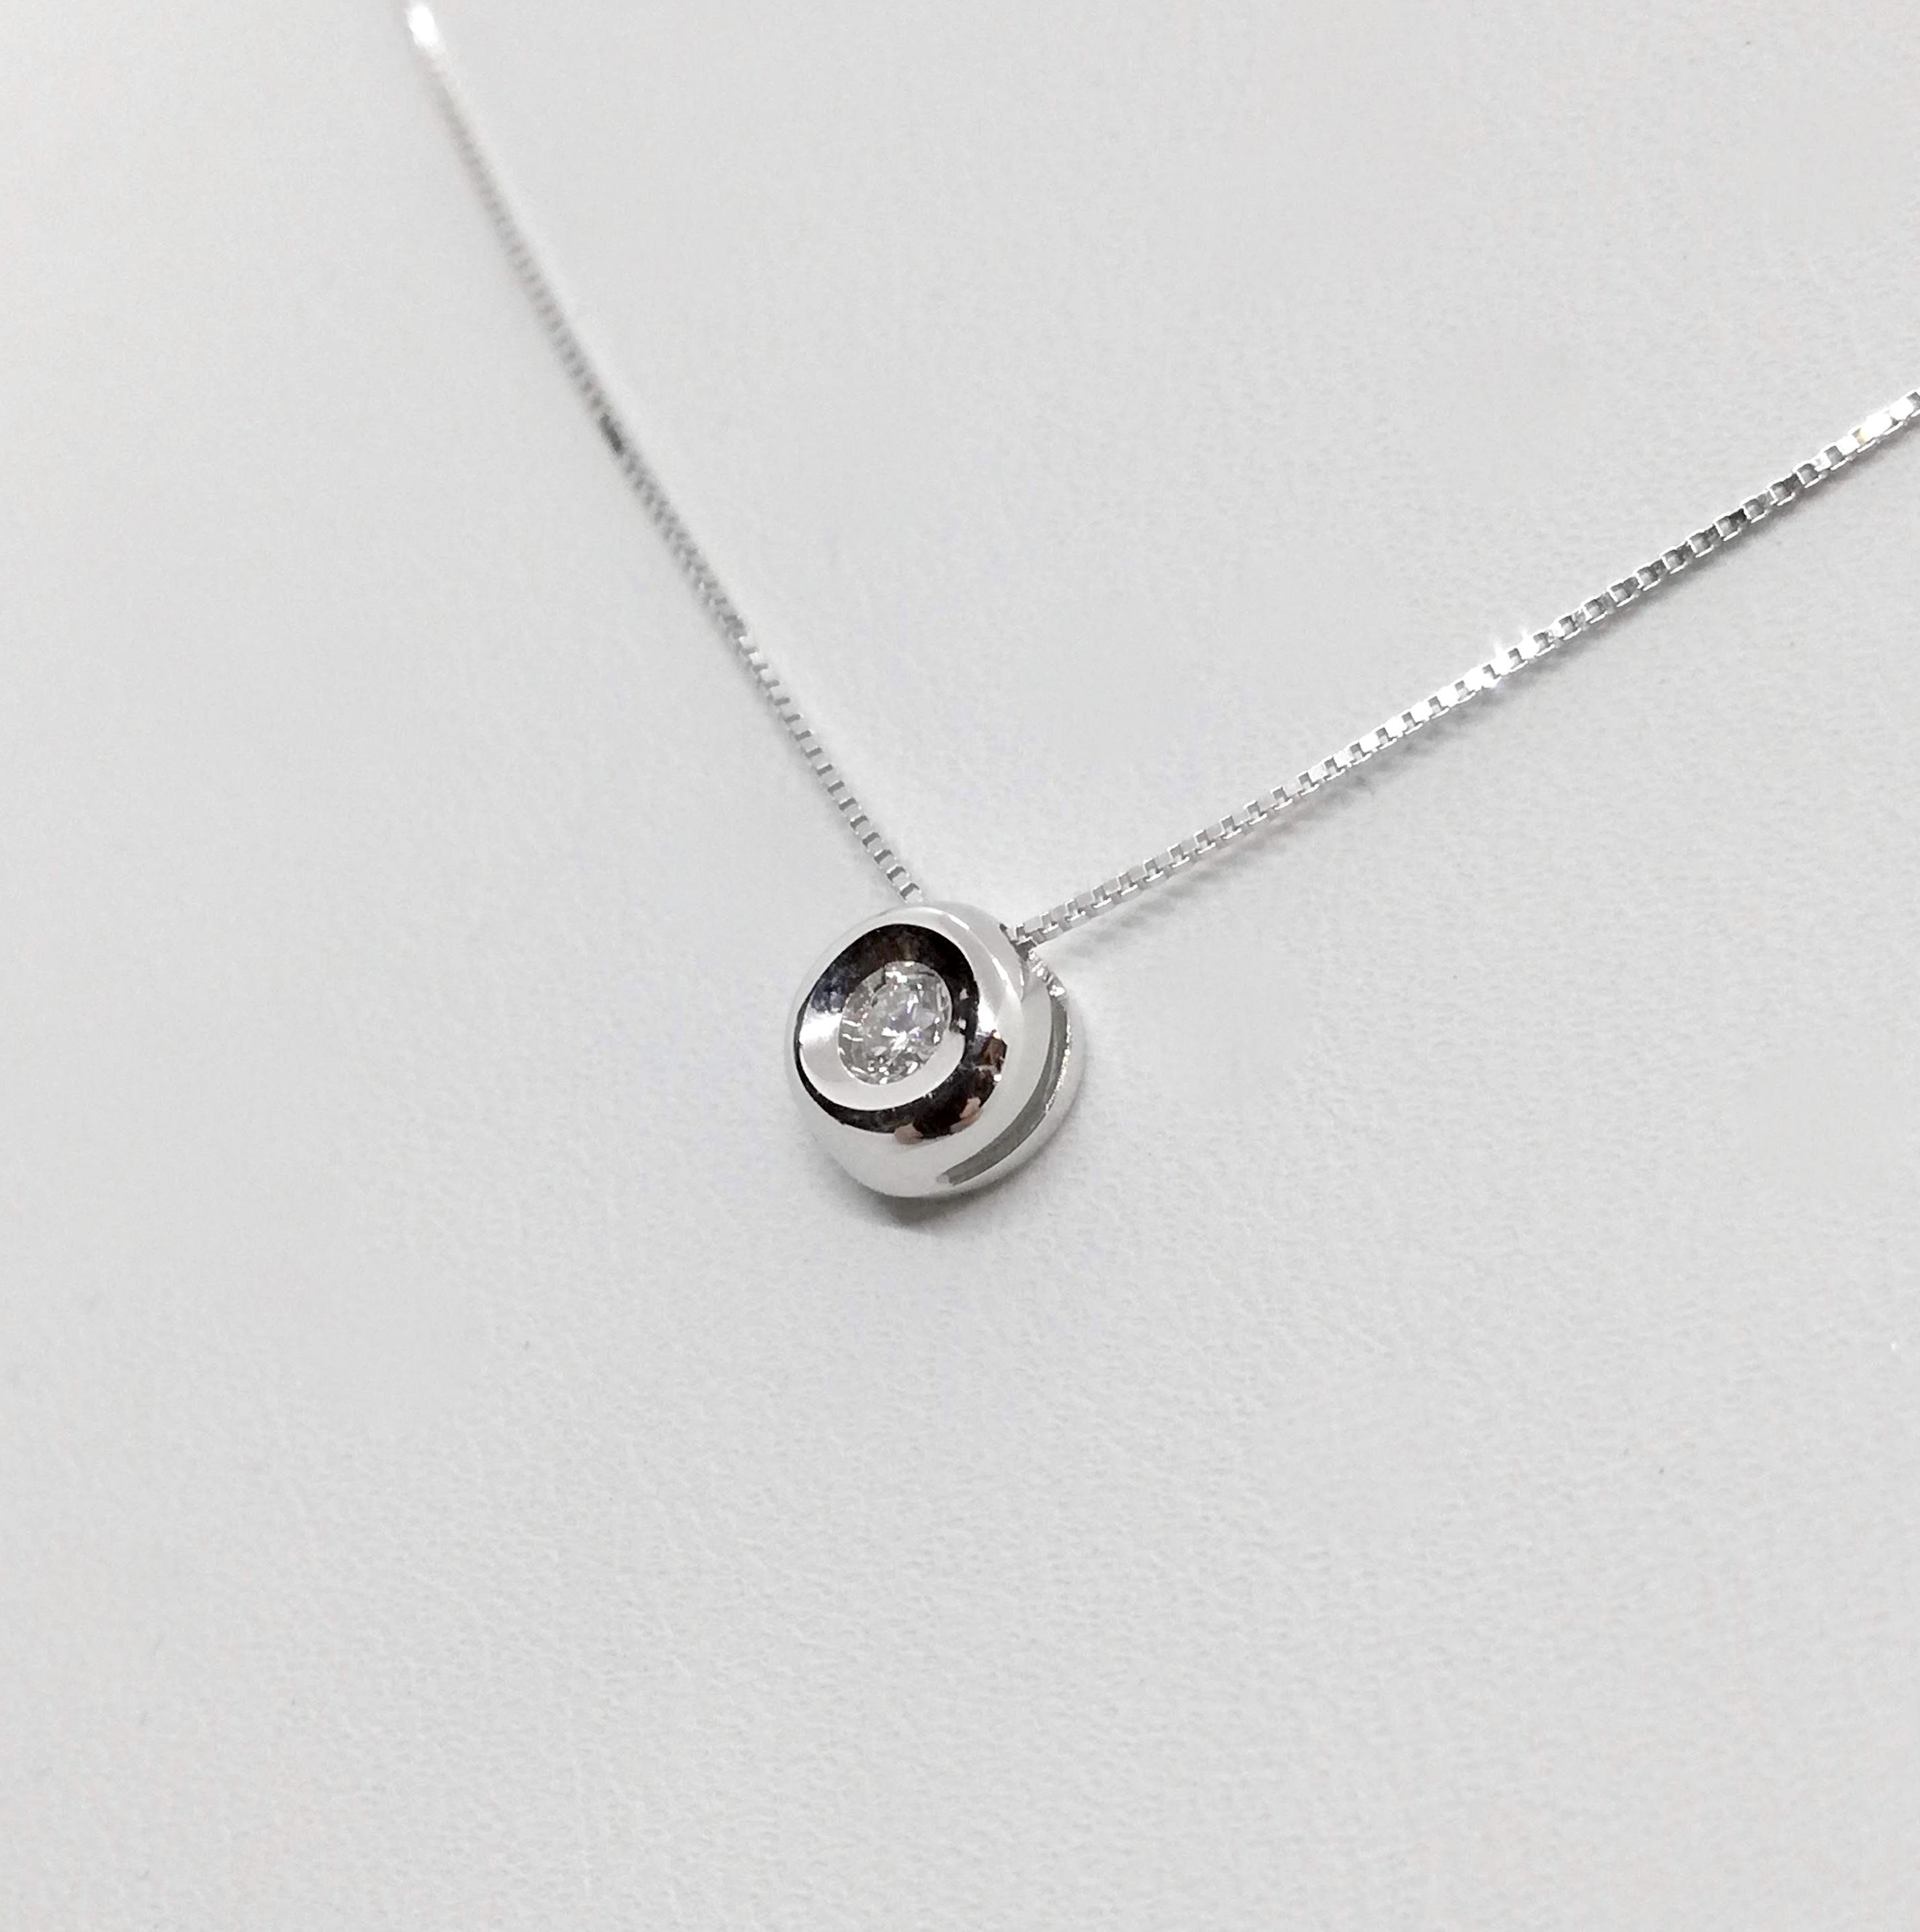 Puntoluce Collana Girocollo Oro bianco 18 kt con diamante taglio Brillante ct. 0,04